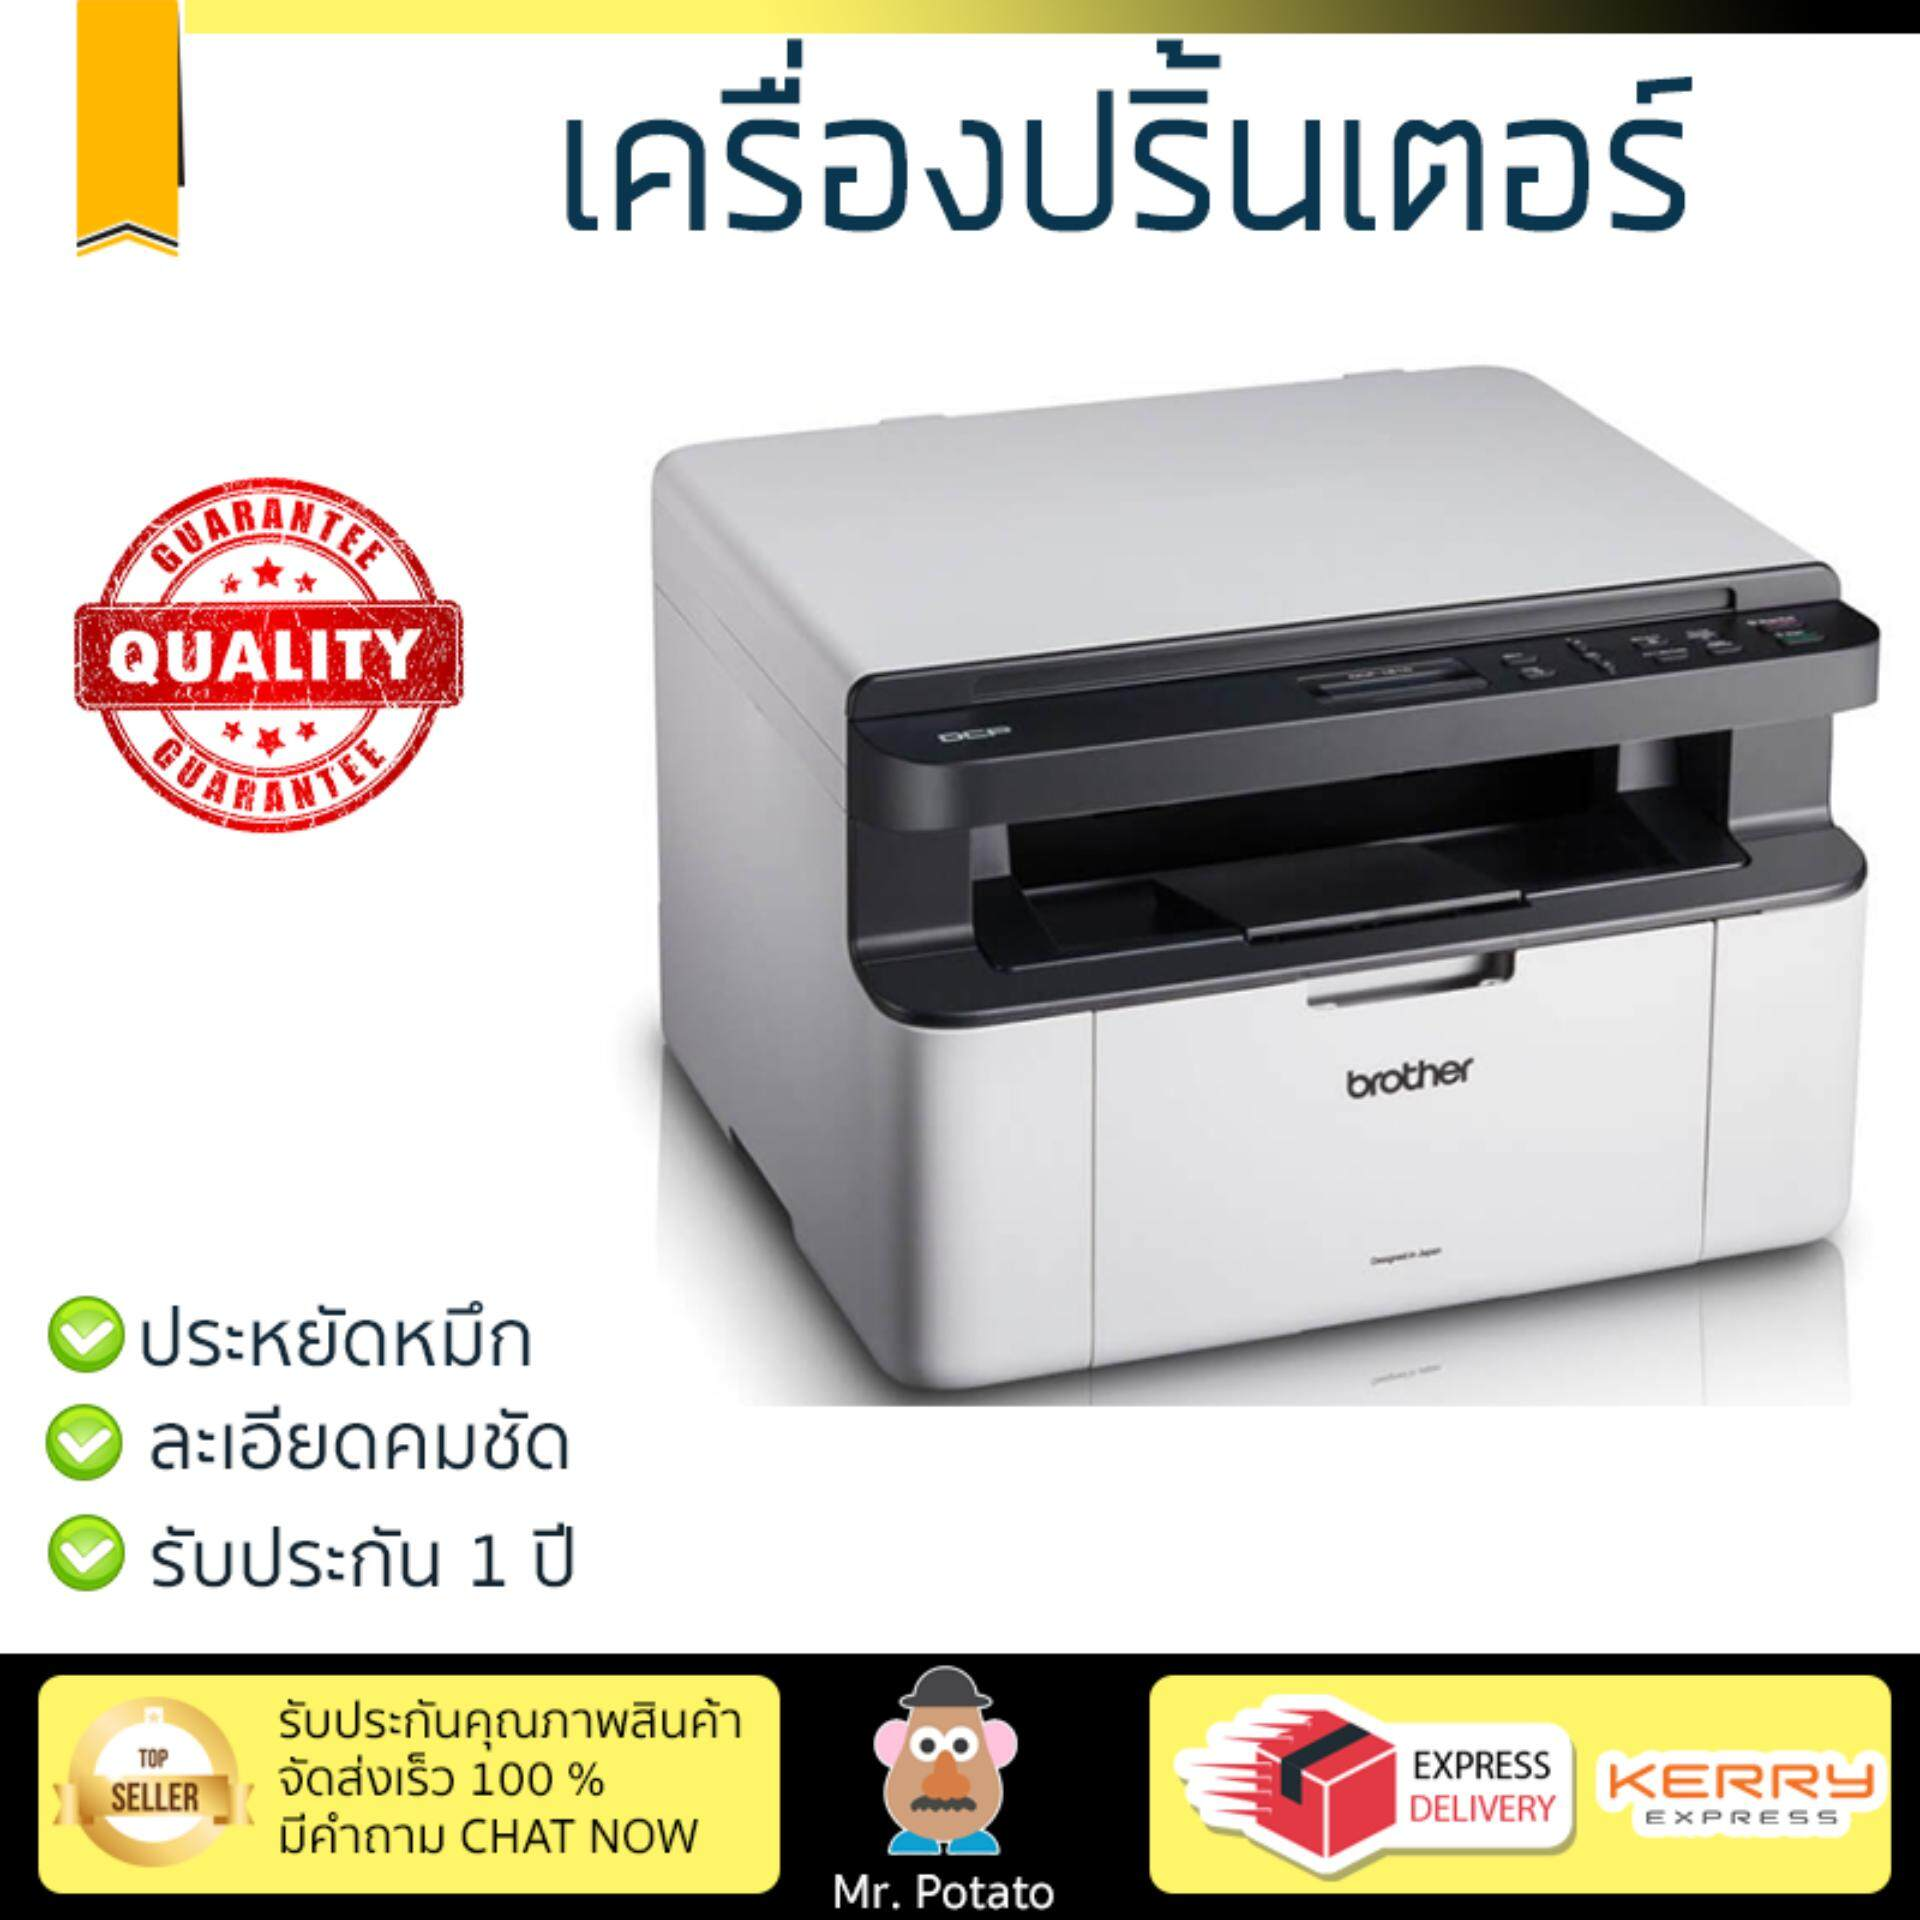 เก็บเงินปลายทางได้ โปรโมชัน เครื่องพิมพ์           BROTHER ปริ้นเตอร์ รุ่น MULTI LS3IN1 DCP-1510             ความละเอียดสูง คมชัด ประหยัดหมึก เครื่องปริ้น เครื่องปริ้นท์ All in one Printer รับประกันสิ